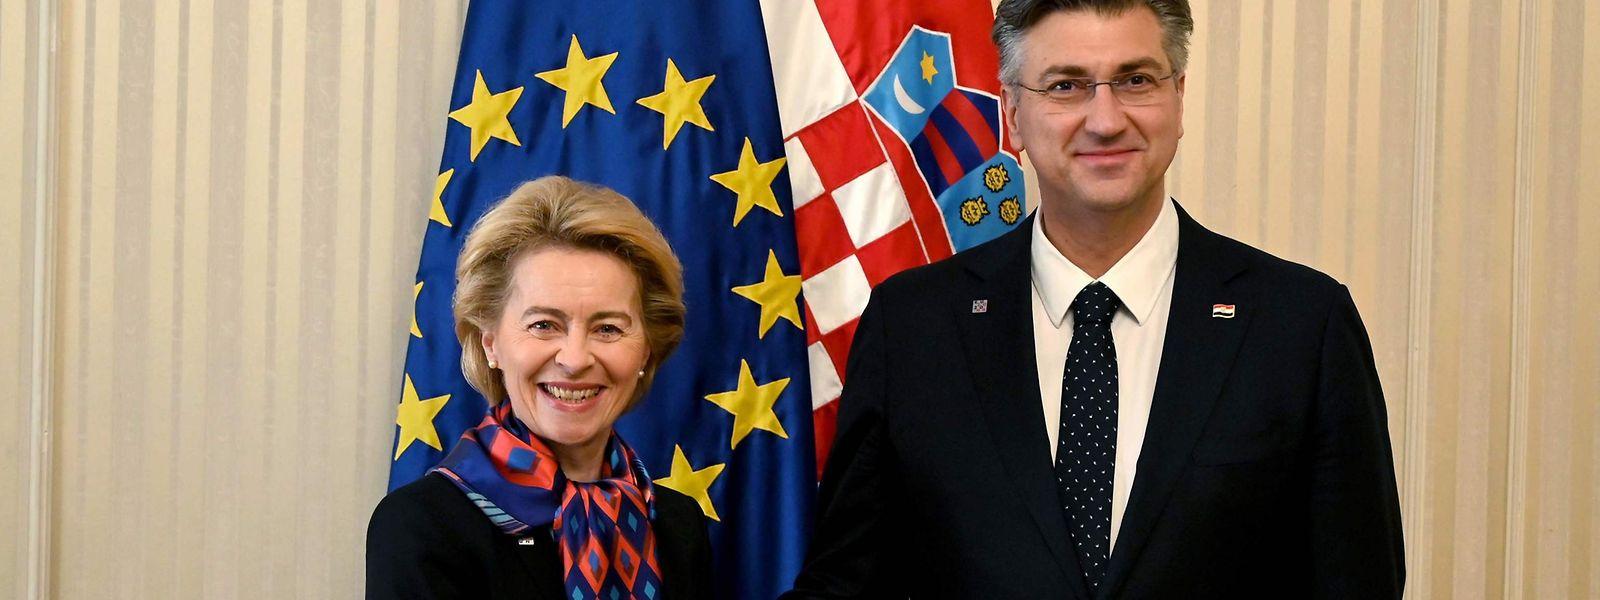 Le 10 janvier, la présidente Ursula von der Leyen était en Croatie, futur pays à diriger les débats de la Commission européenne.